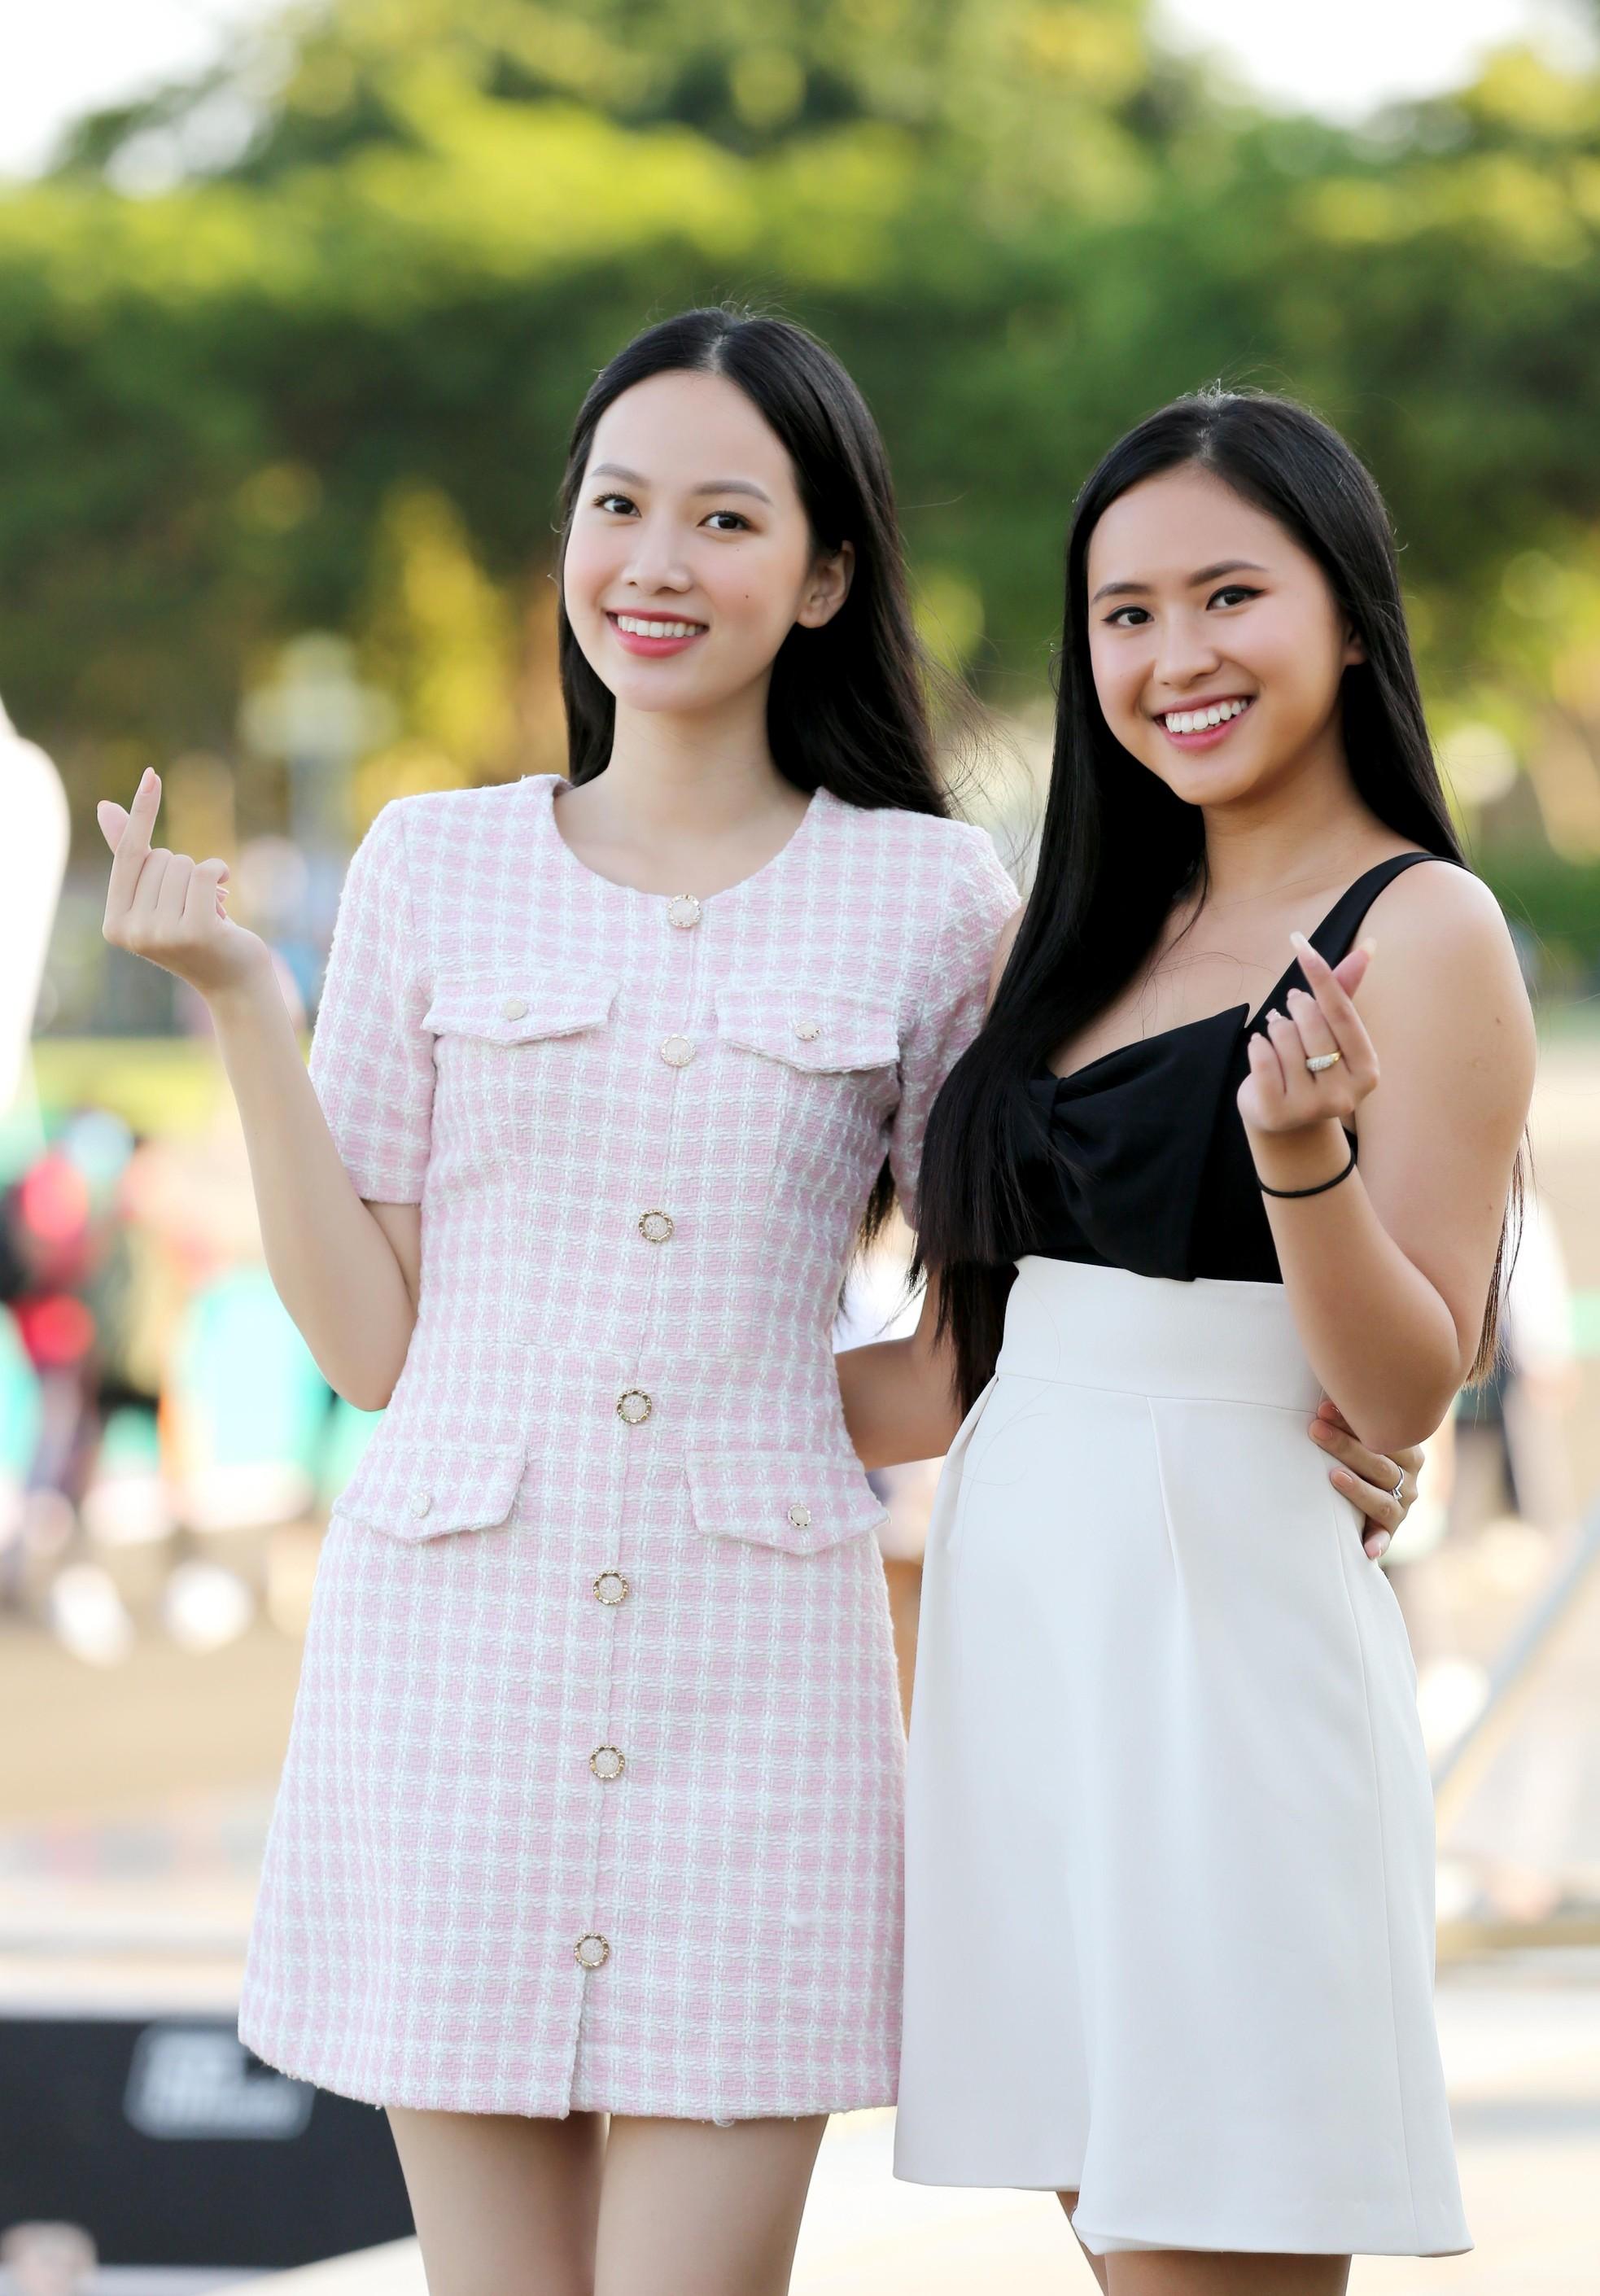 Hoa hậu Đỗ Thị Hà diện váy hai dây tím khoe vai trần gợi cảm ảnh 10